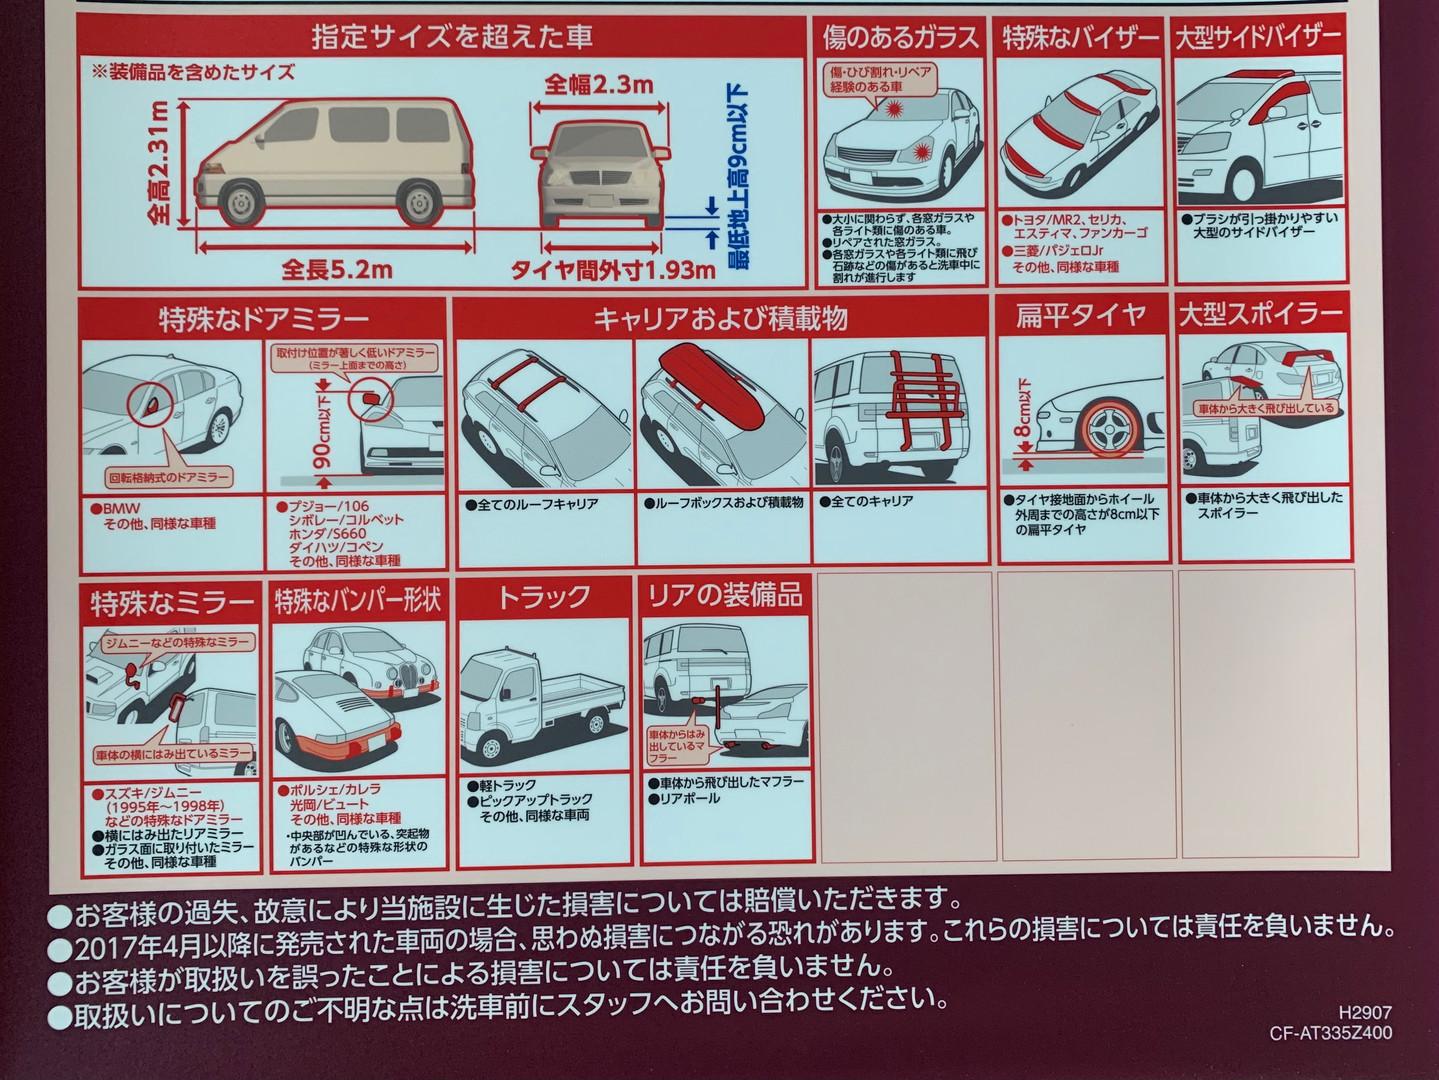 洗車できない車(洗車機不適合車)3.jpg